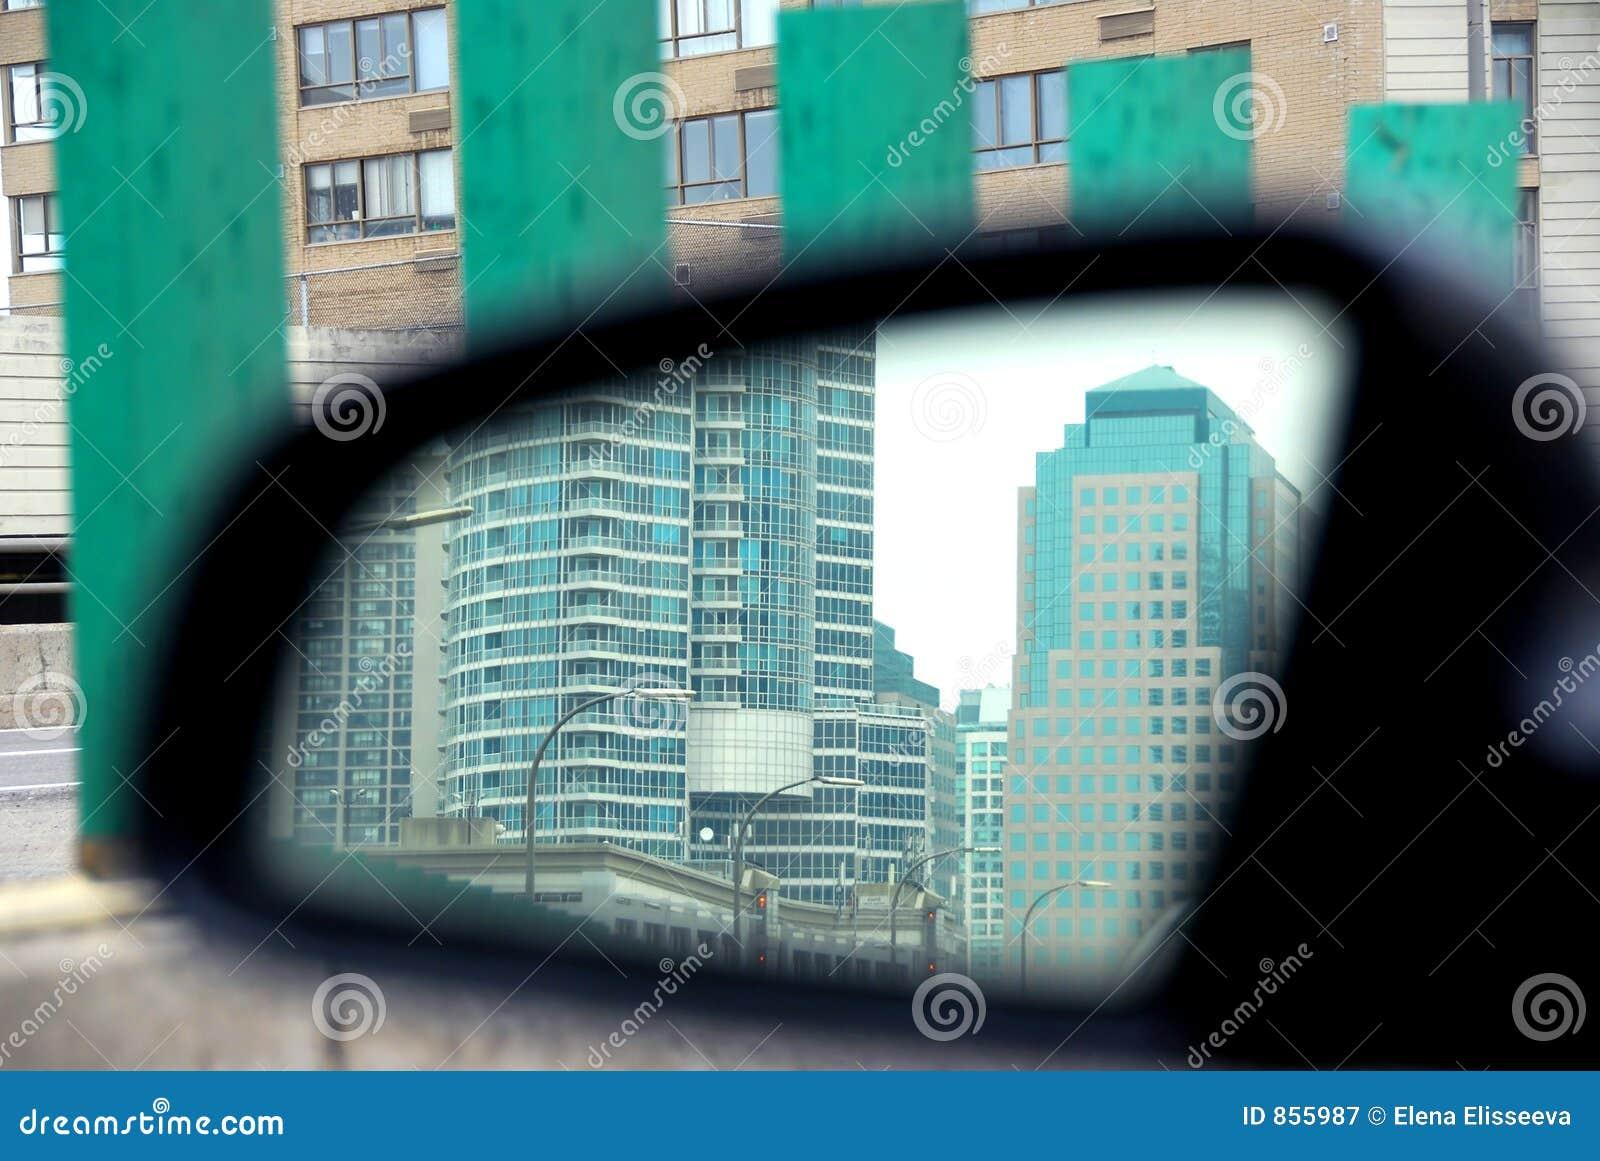 καθρέφτης αυτοκινήτων